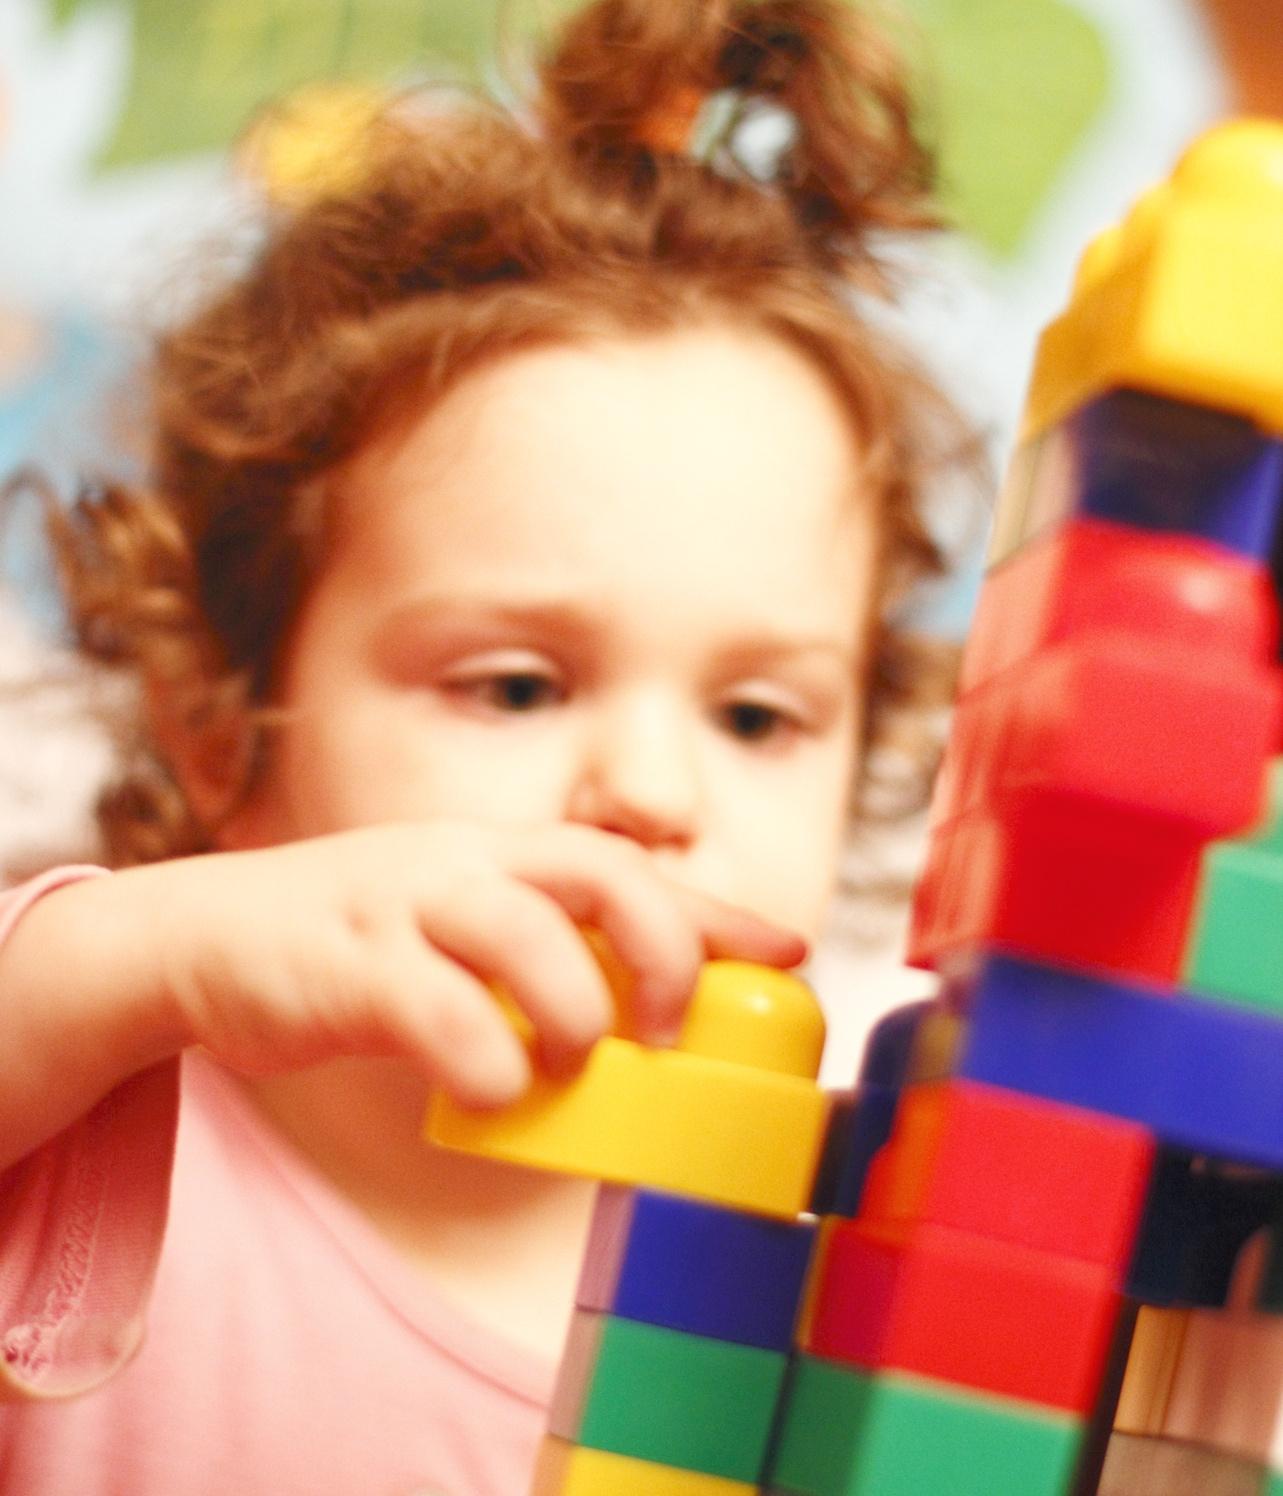 Le Jeu De Construction : Un Jeu À La Fois Manuel Et intérieur Jeux Pour Bébé 2 Ans